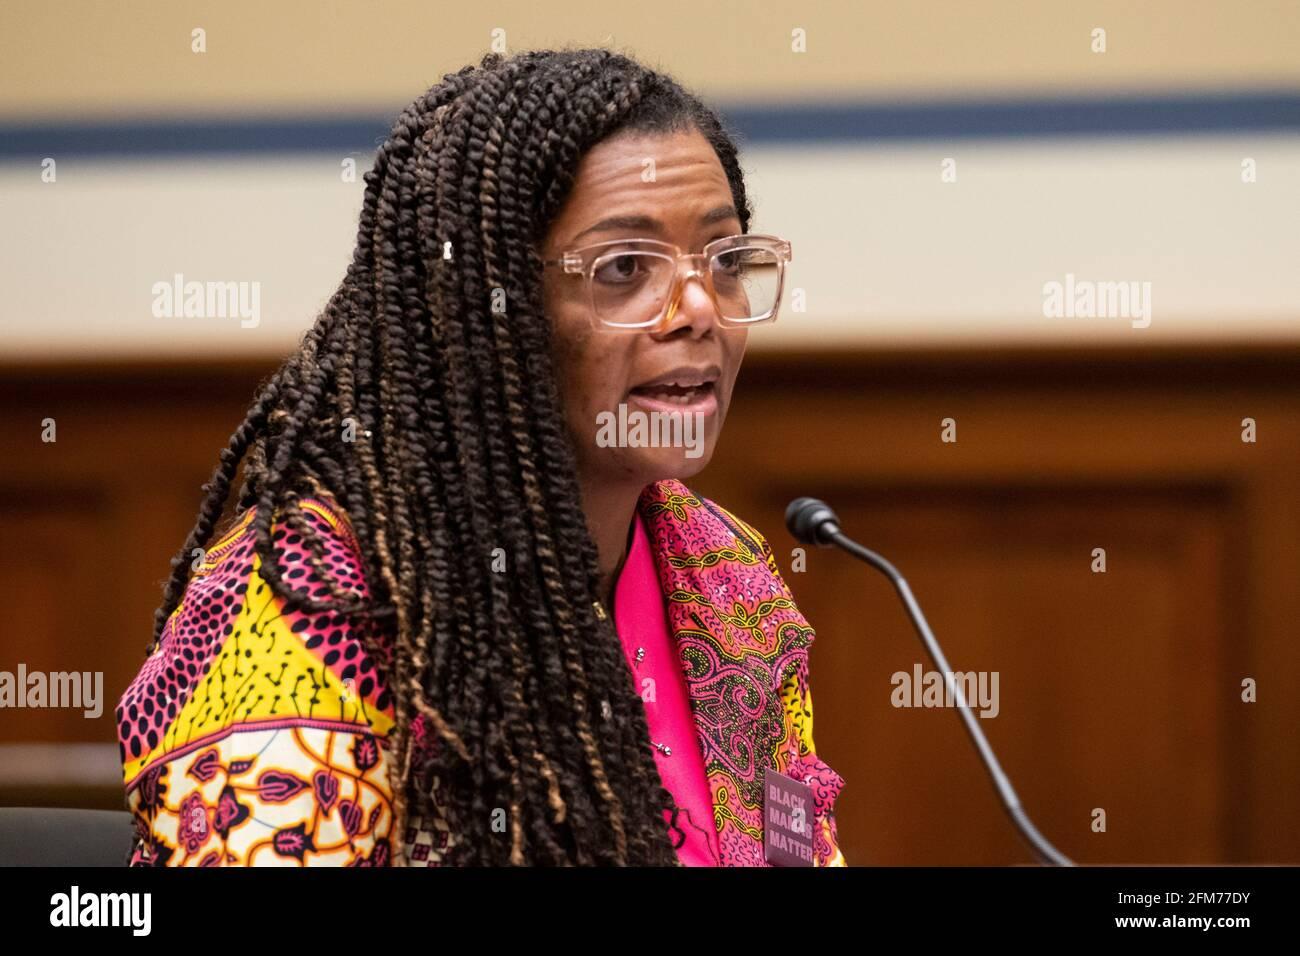 """Joia Adele Crear-Perry, M.D., FACOG, Fundadora y Presidenta de la National Birth Equity Collaborative, comparece ante un Comité de Supervisión y Reforma de la Cámara de Representantes con una audiencia """"Birthing While Black: Examining Americas Black Maternal Health Crisis"""" en el edificio de oficinas de Rayburn House en Washington, DC, jueves, 6 de mayo de 2021. Crédito: Rod Lamkey/CNP /MediaPunch Foto de stock"""